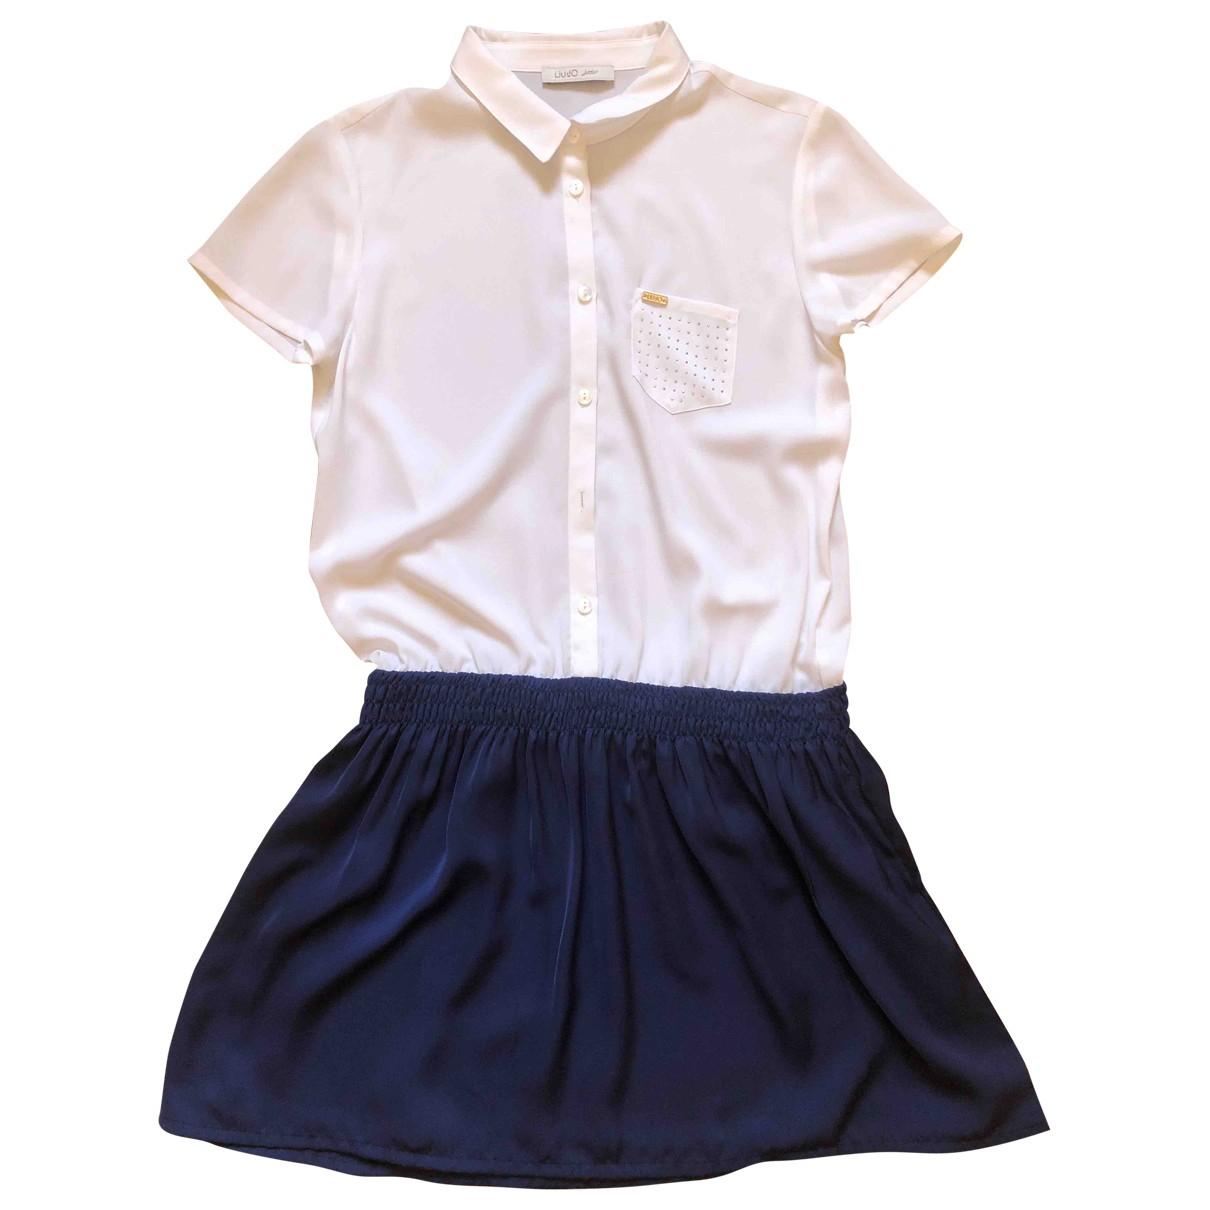 Liu.jo \N Kleid in  Blau Polyester